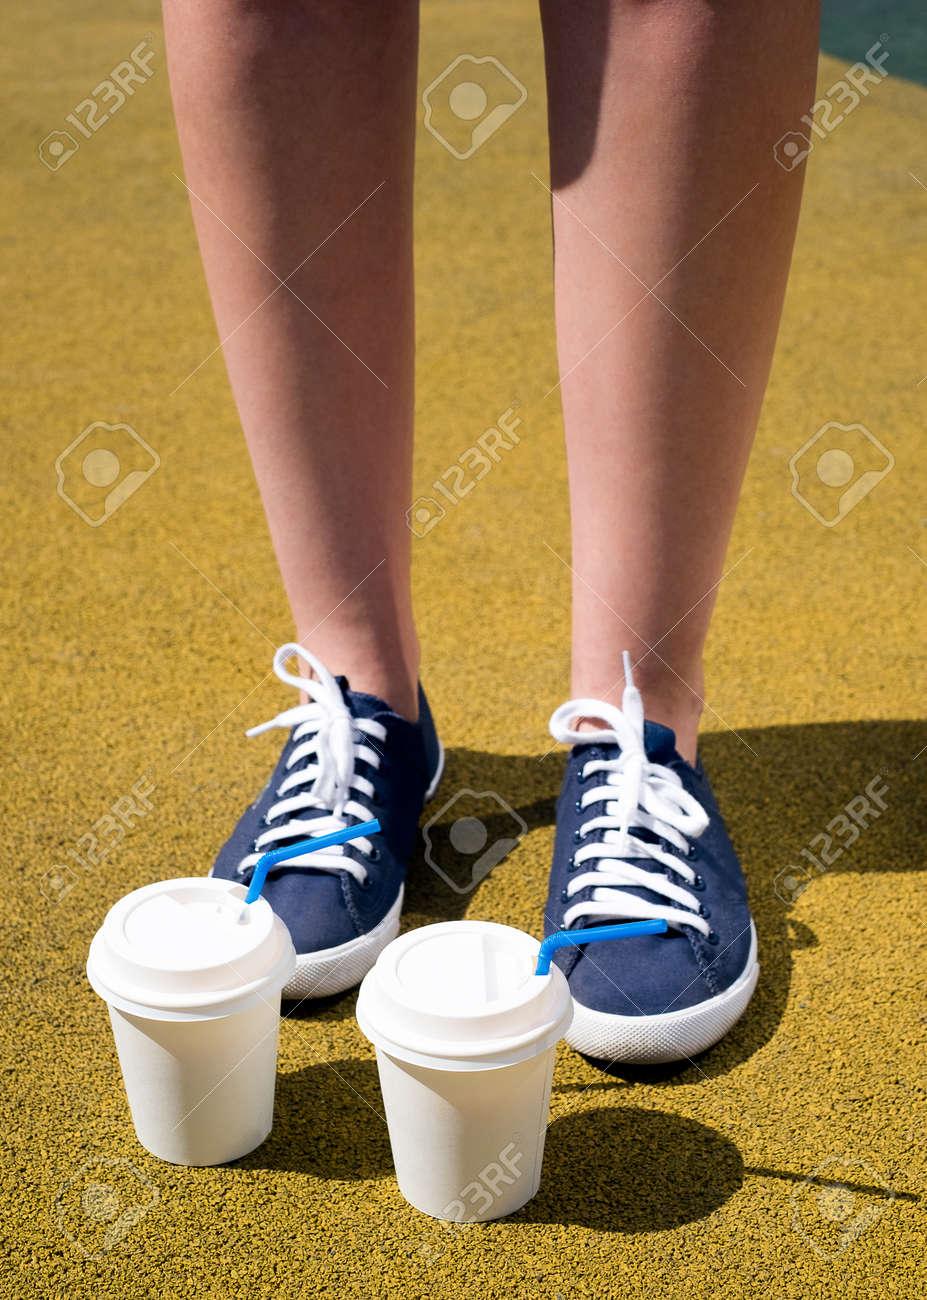 La Capa Tazas Con Café Soleado Zapatillas Pies Deporte Un Mujer De En Dos Y Día Azules Amarilla roQBWxdCe